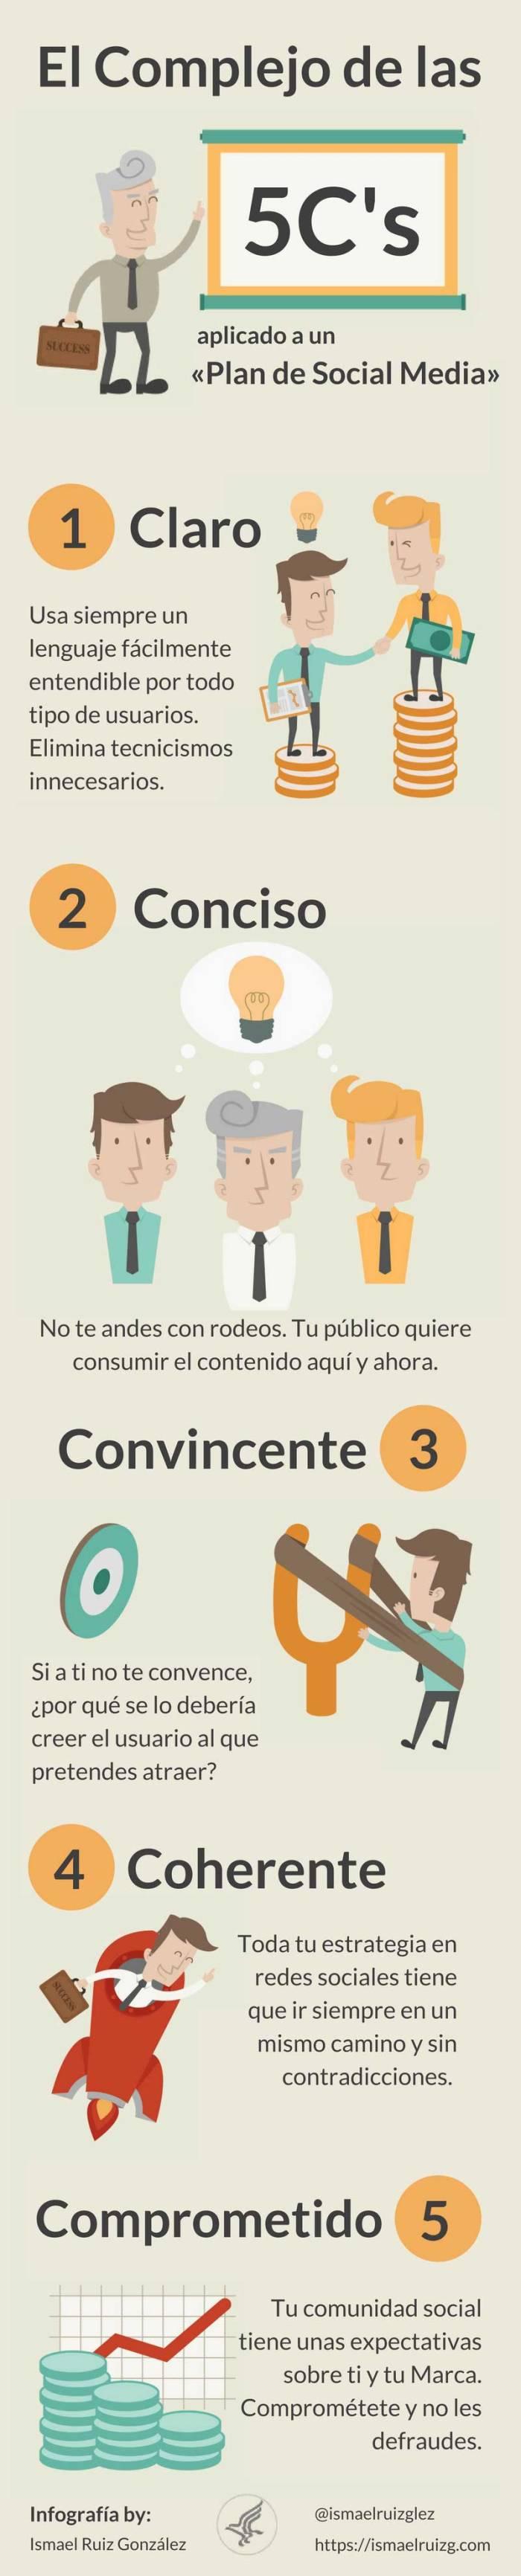 #Infografía - El Complejo de las 5C's aplicado a tu estrategia de redes sociales